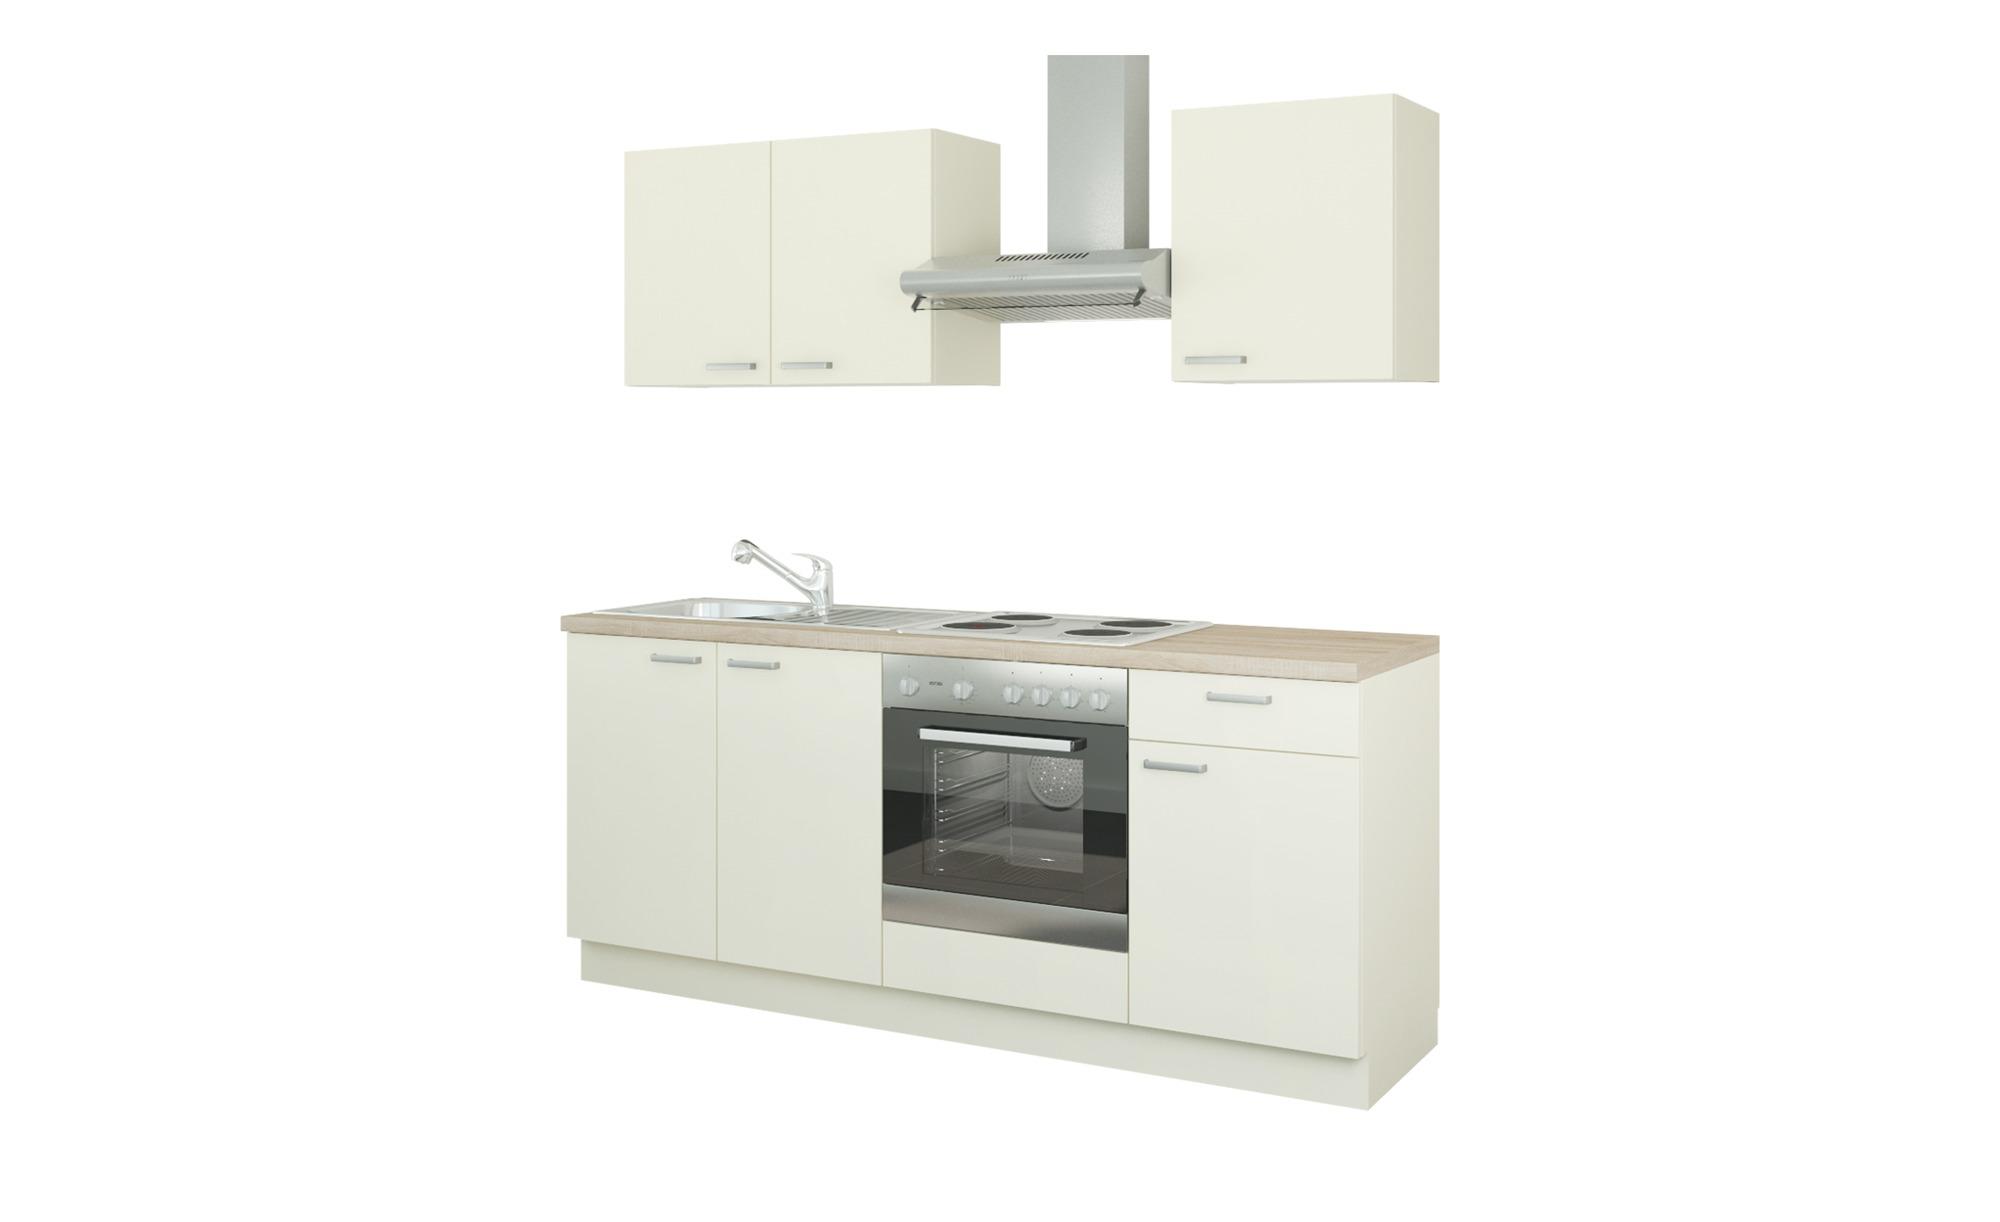 Küchenzeile mit Elektrogeräten  Ahlen ¦ creme Küchen > Küchenblöcke mit E-Geräten - Höffner